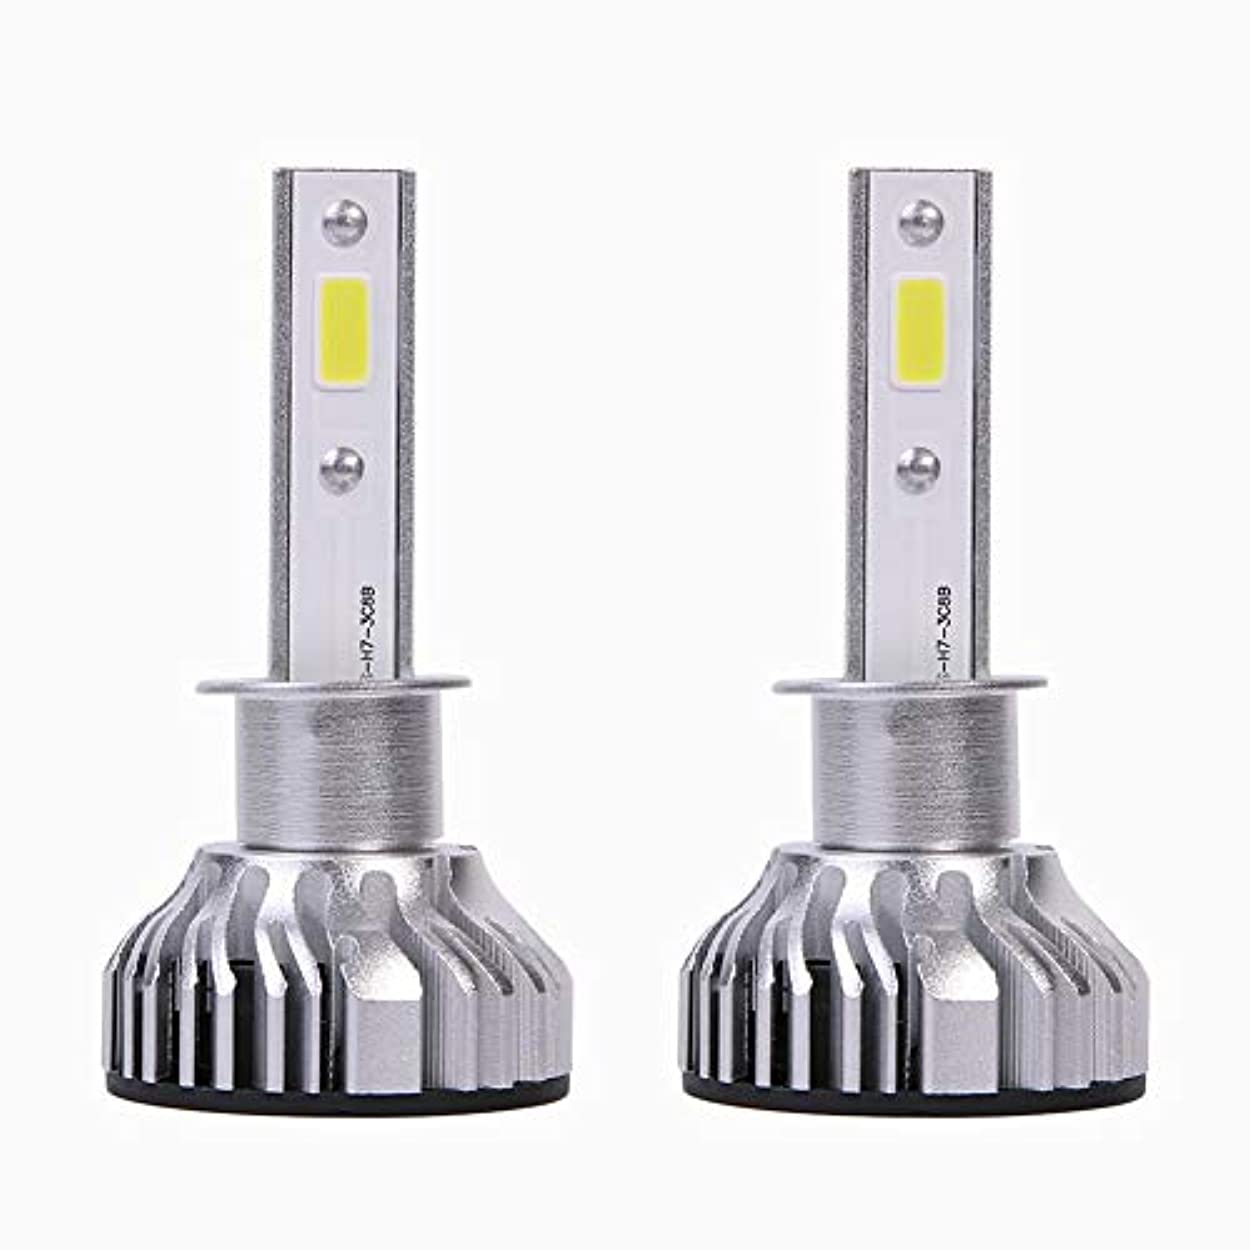 背の高いコンサート衰えるヘッドライトLED COB H1 12V/24V高輝度 取付簡単 ヘッドライトアクセサリー 自動車用 Chaufly